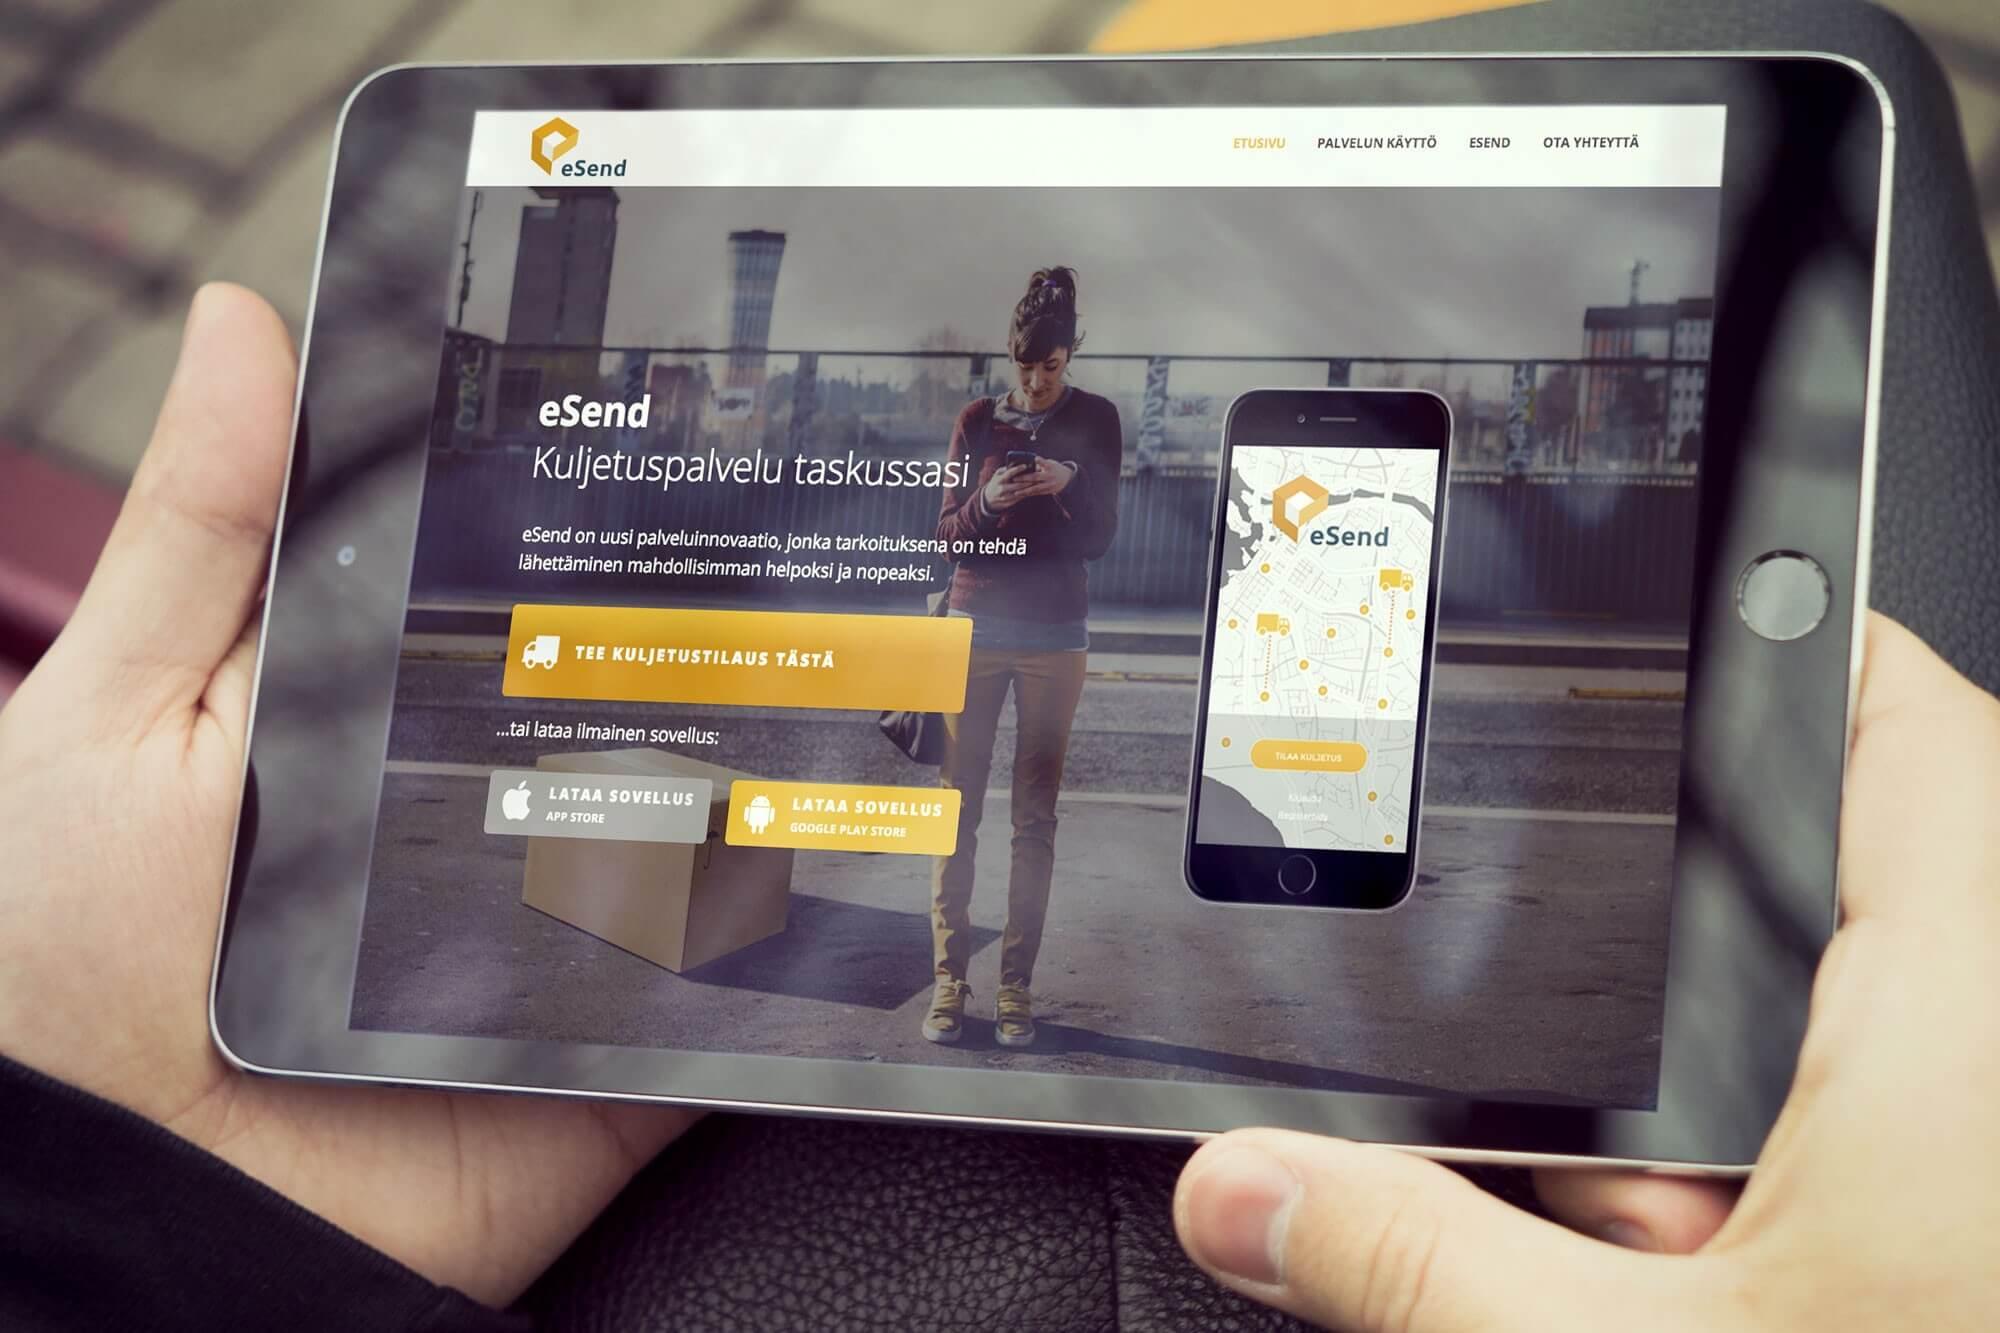 eSend verkkosivut